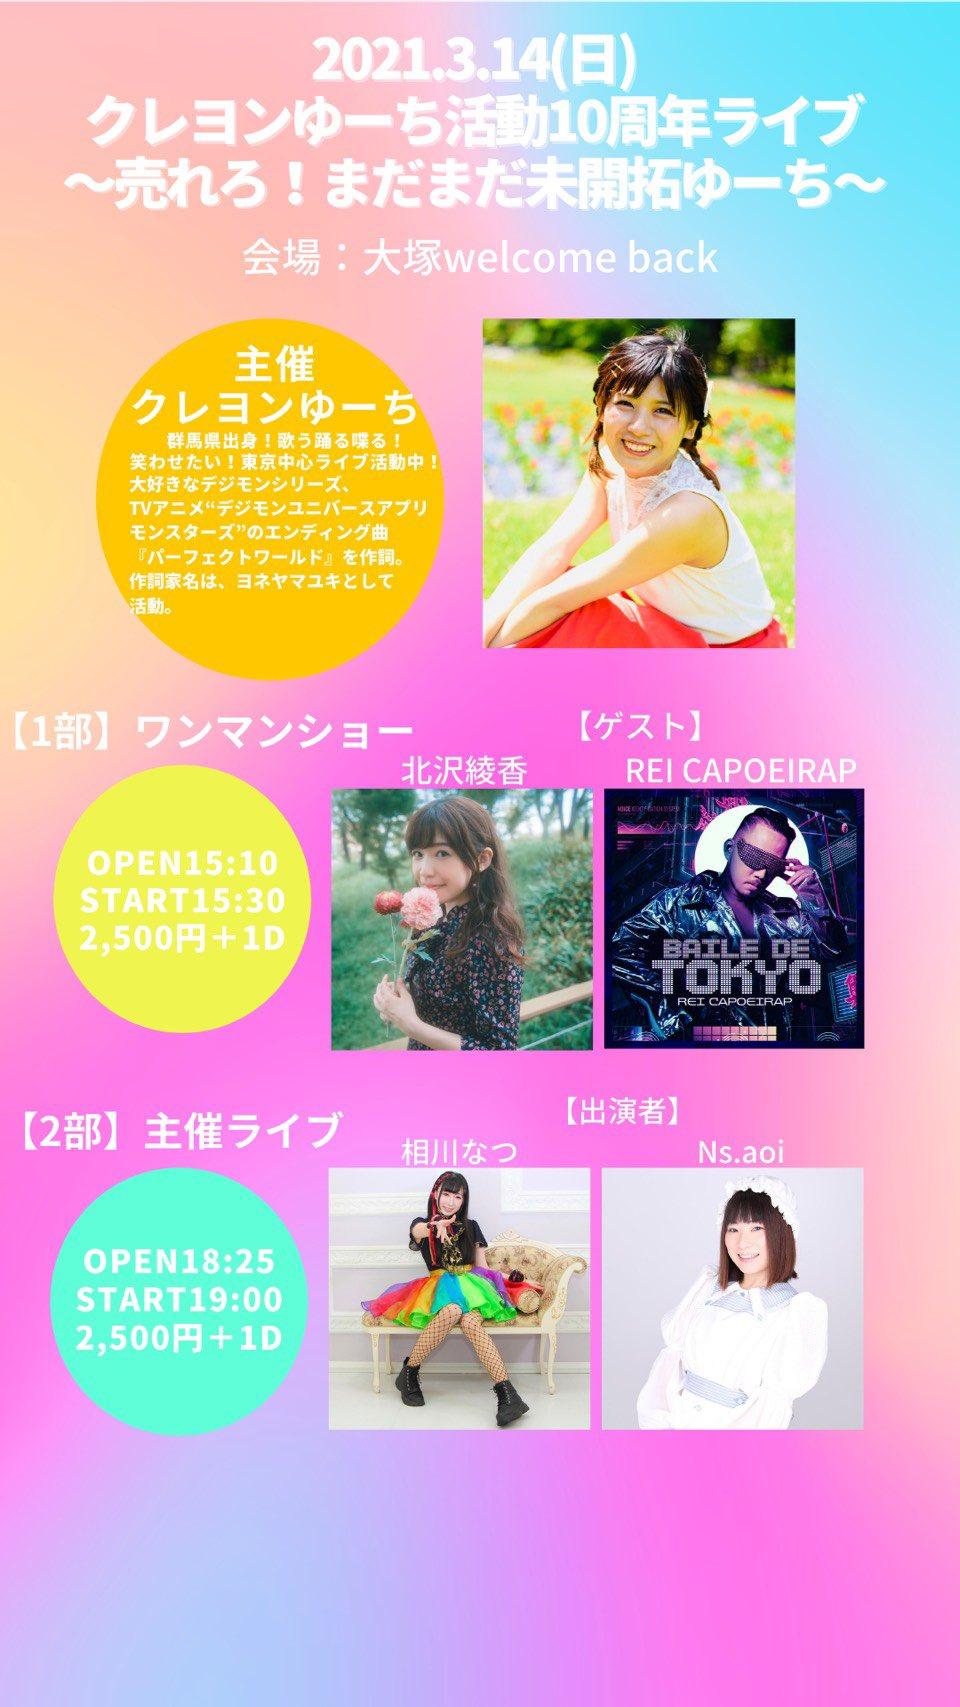 3月14日(日)「クレヨンゆーち活動10周年ライブ~売れろ!まだまだ未開拓ゆーち~」に出演します!!!